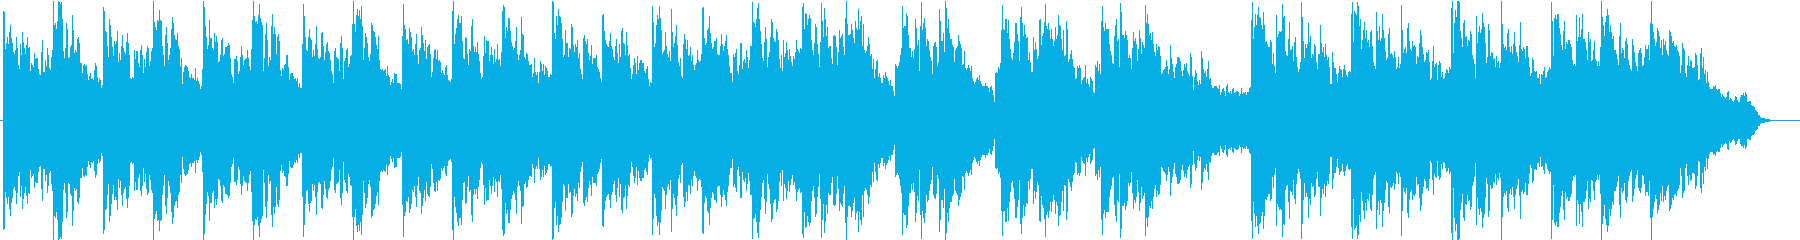 幻想的でエモーショナルなデジピサウンドの再生済みの波形